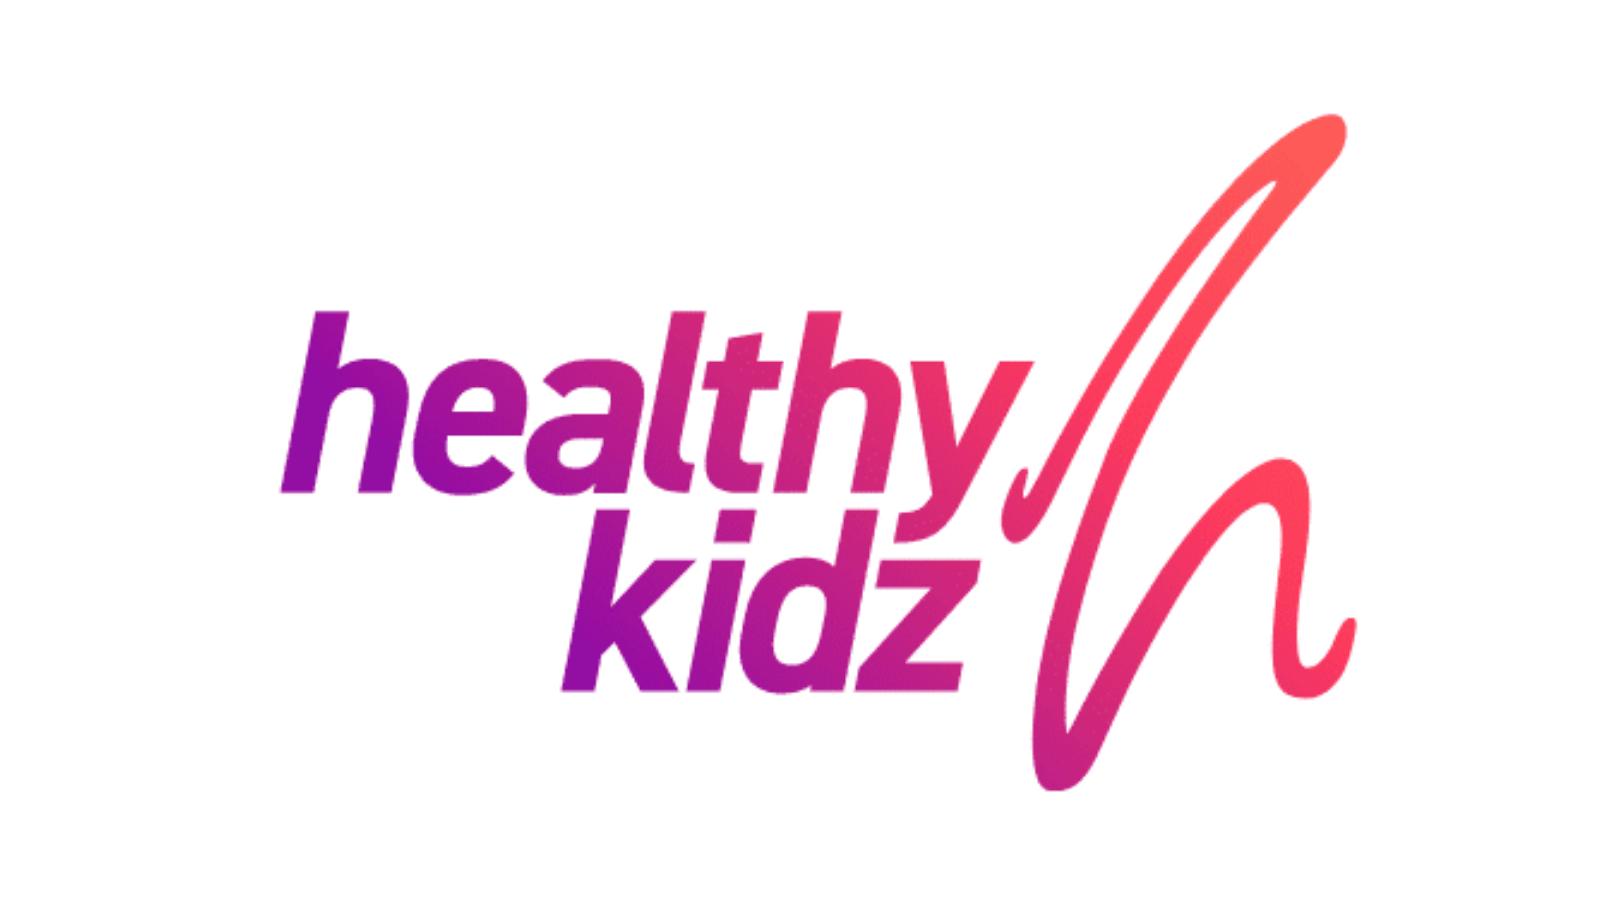 Healthy Kidz Free Hip-Hop Dance Class